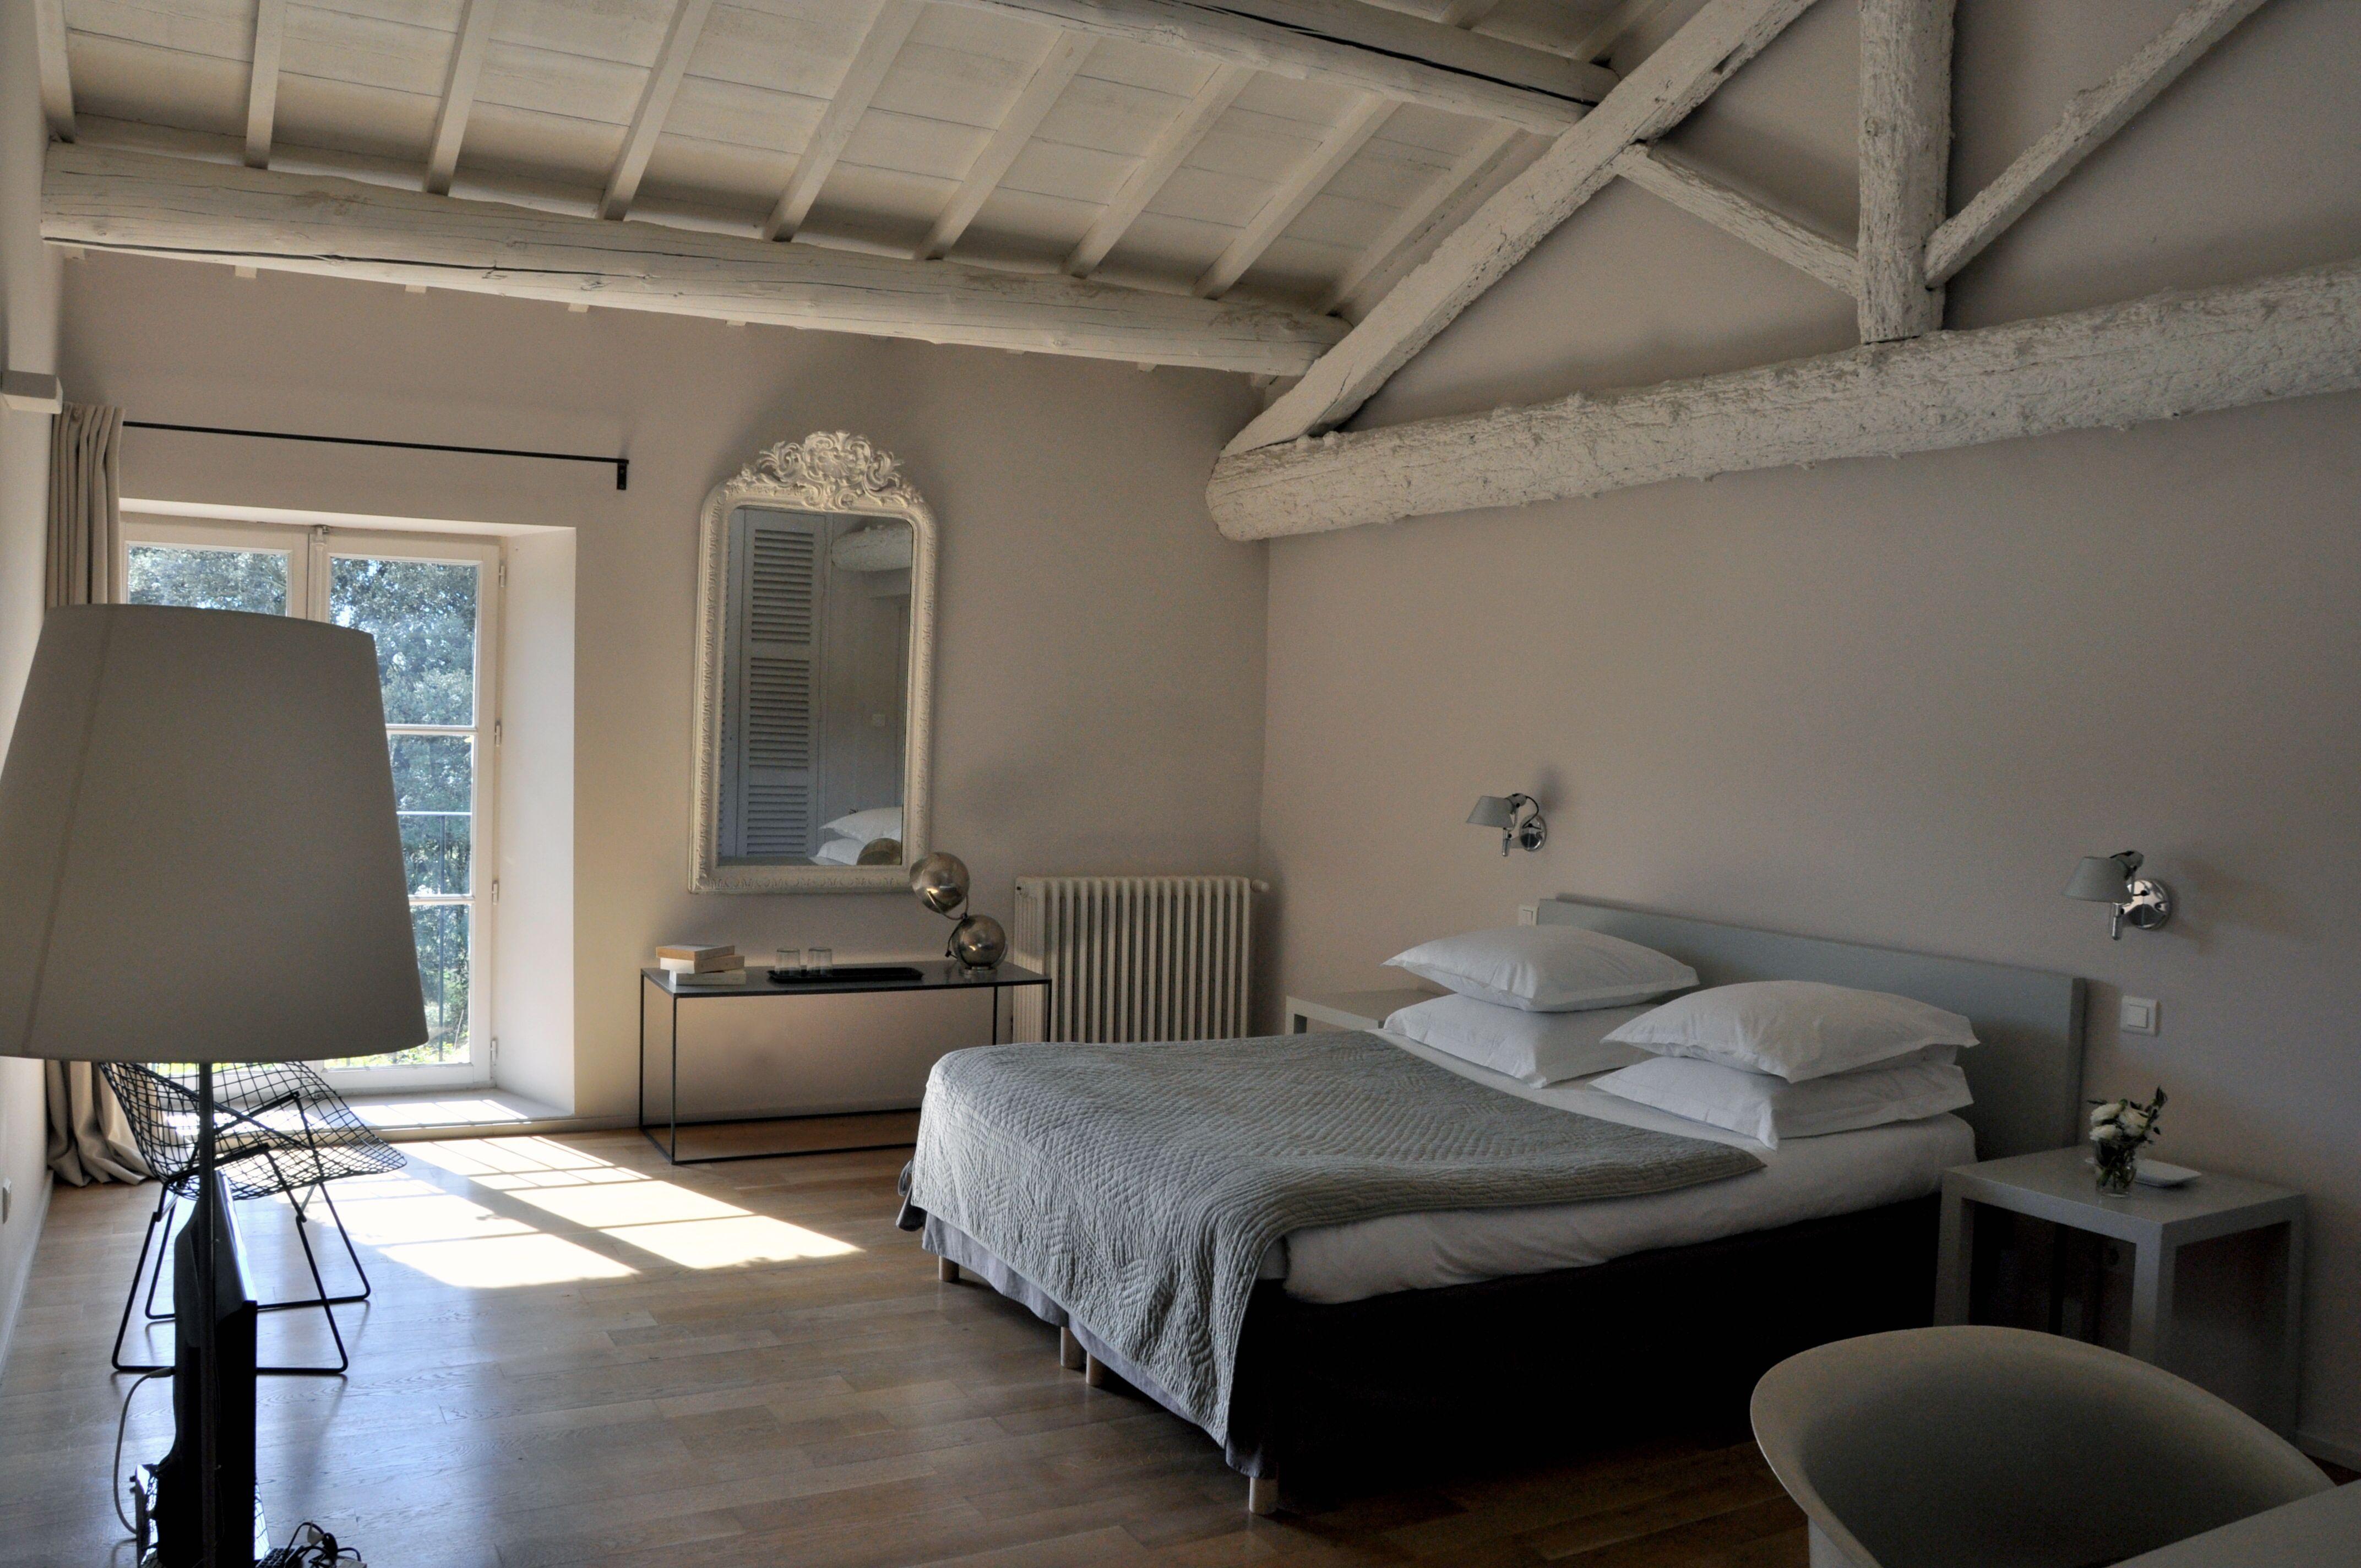 Chambre Rêves, Mas des Songes, Provence, Plaids Bras de Morphée, South of France, Raffinement, Charme